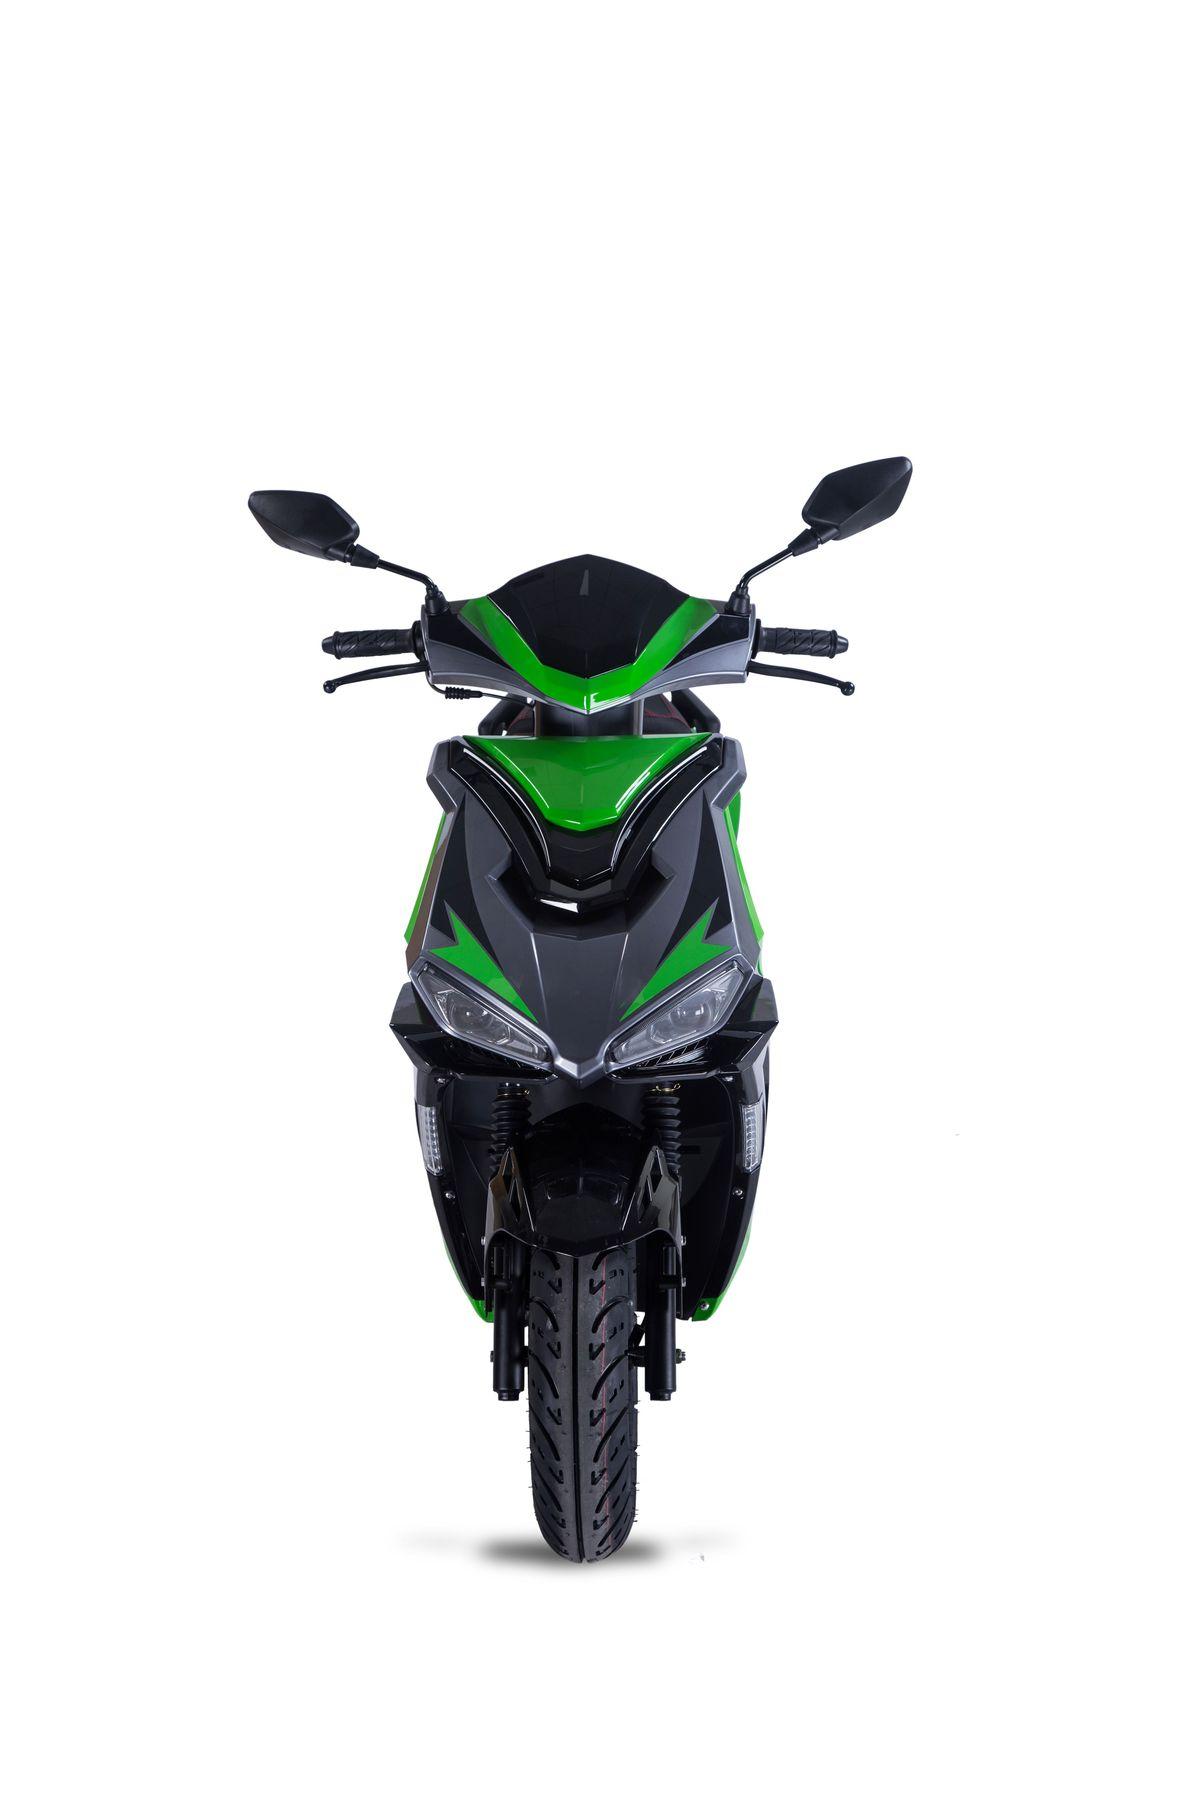 Motorroller Siegfried 50ccm 45km/h schwarz-grün Bild 3